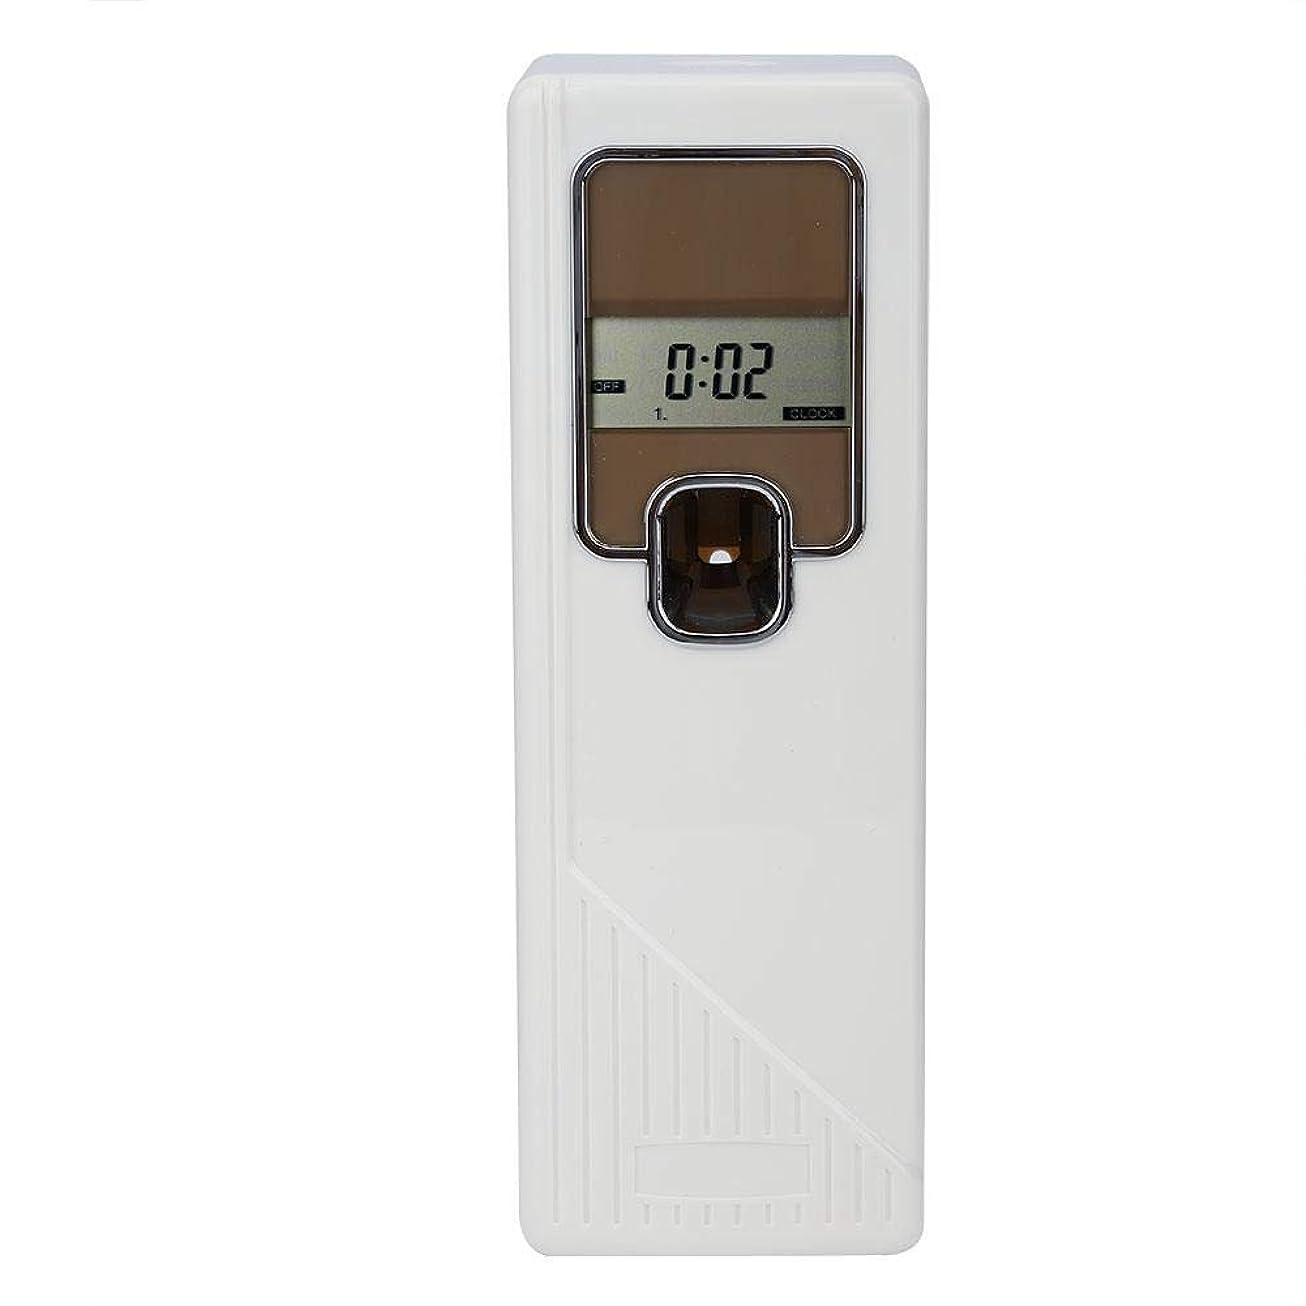 固める祖母色合いアロマディフューザー 小型消臭器 エアゾールディスペンサー 設定時間 3つの動作モード LCD画面 家、企業の洗面所、居間、寝室、オフィス